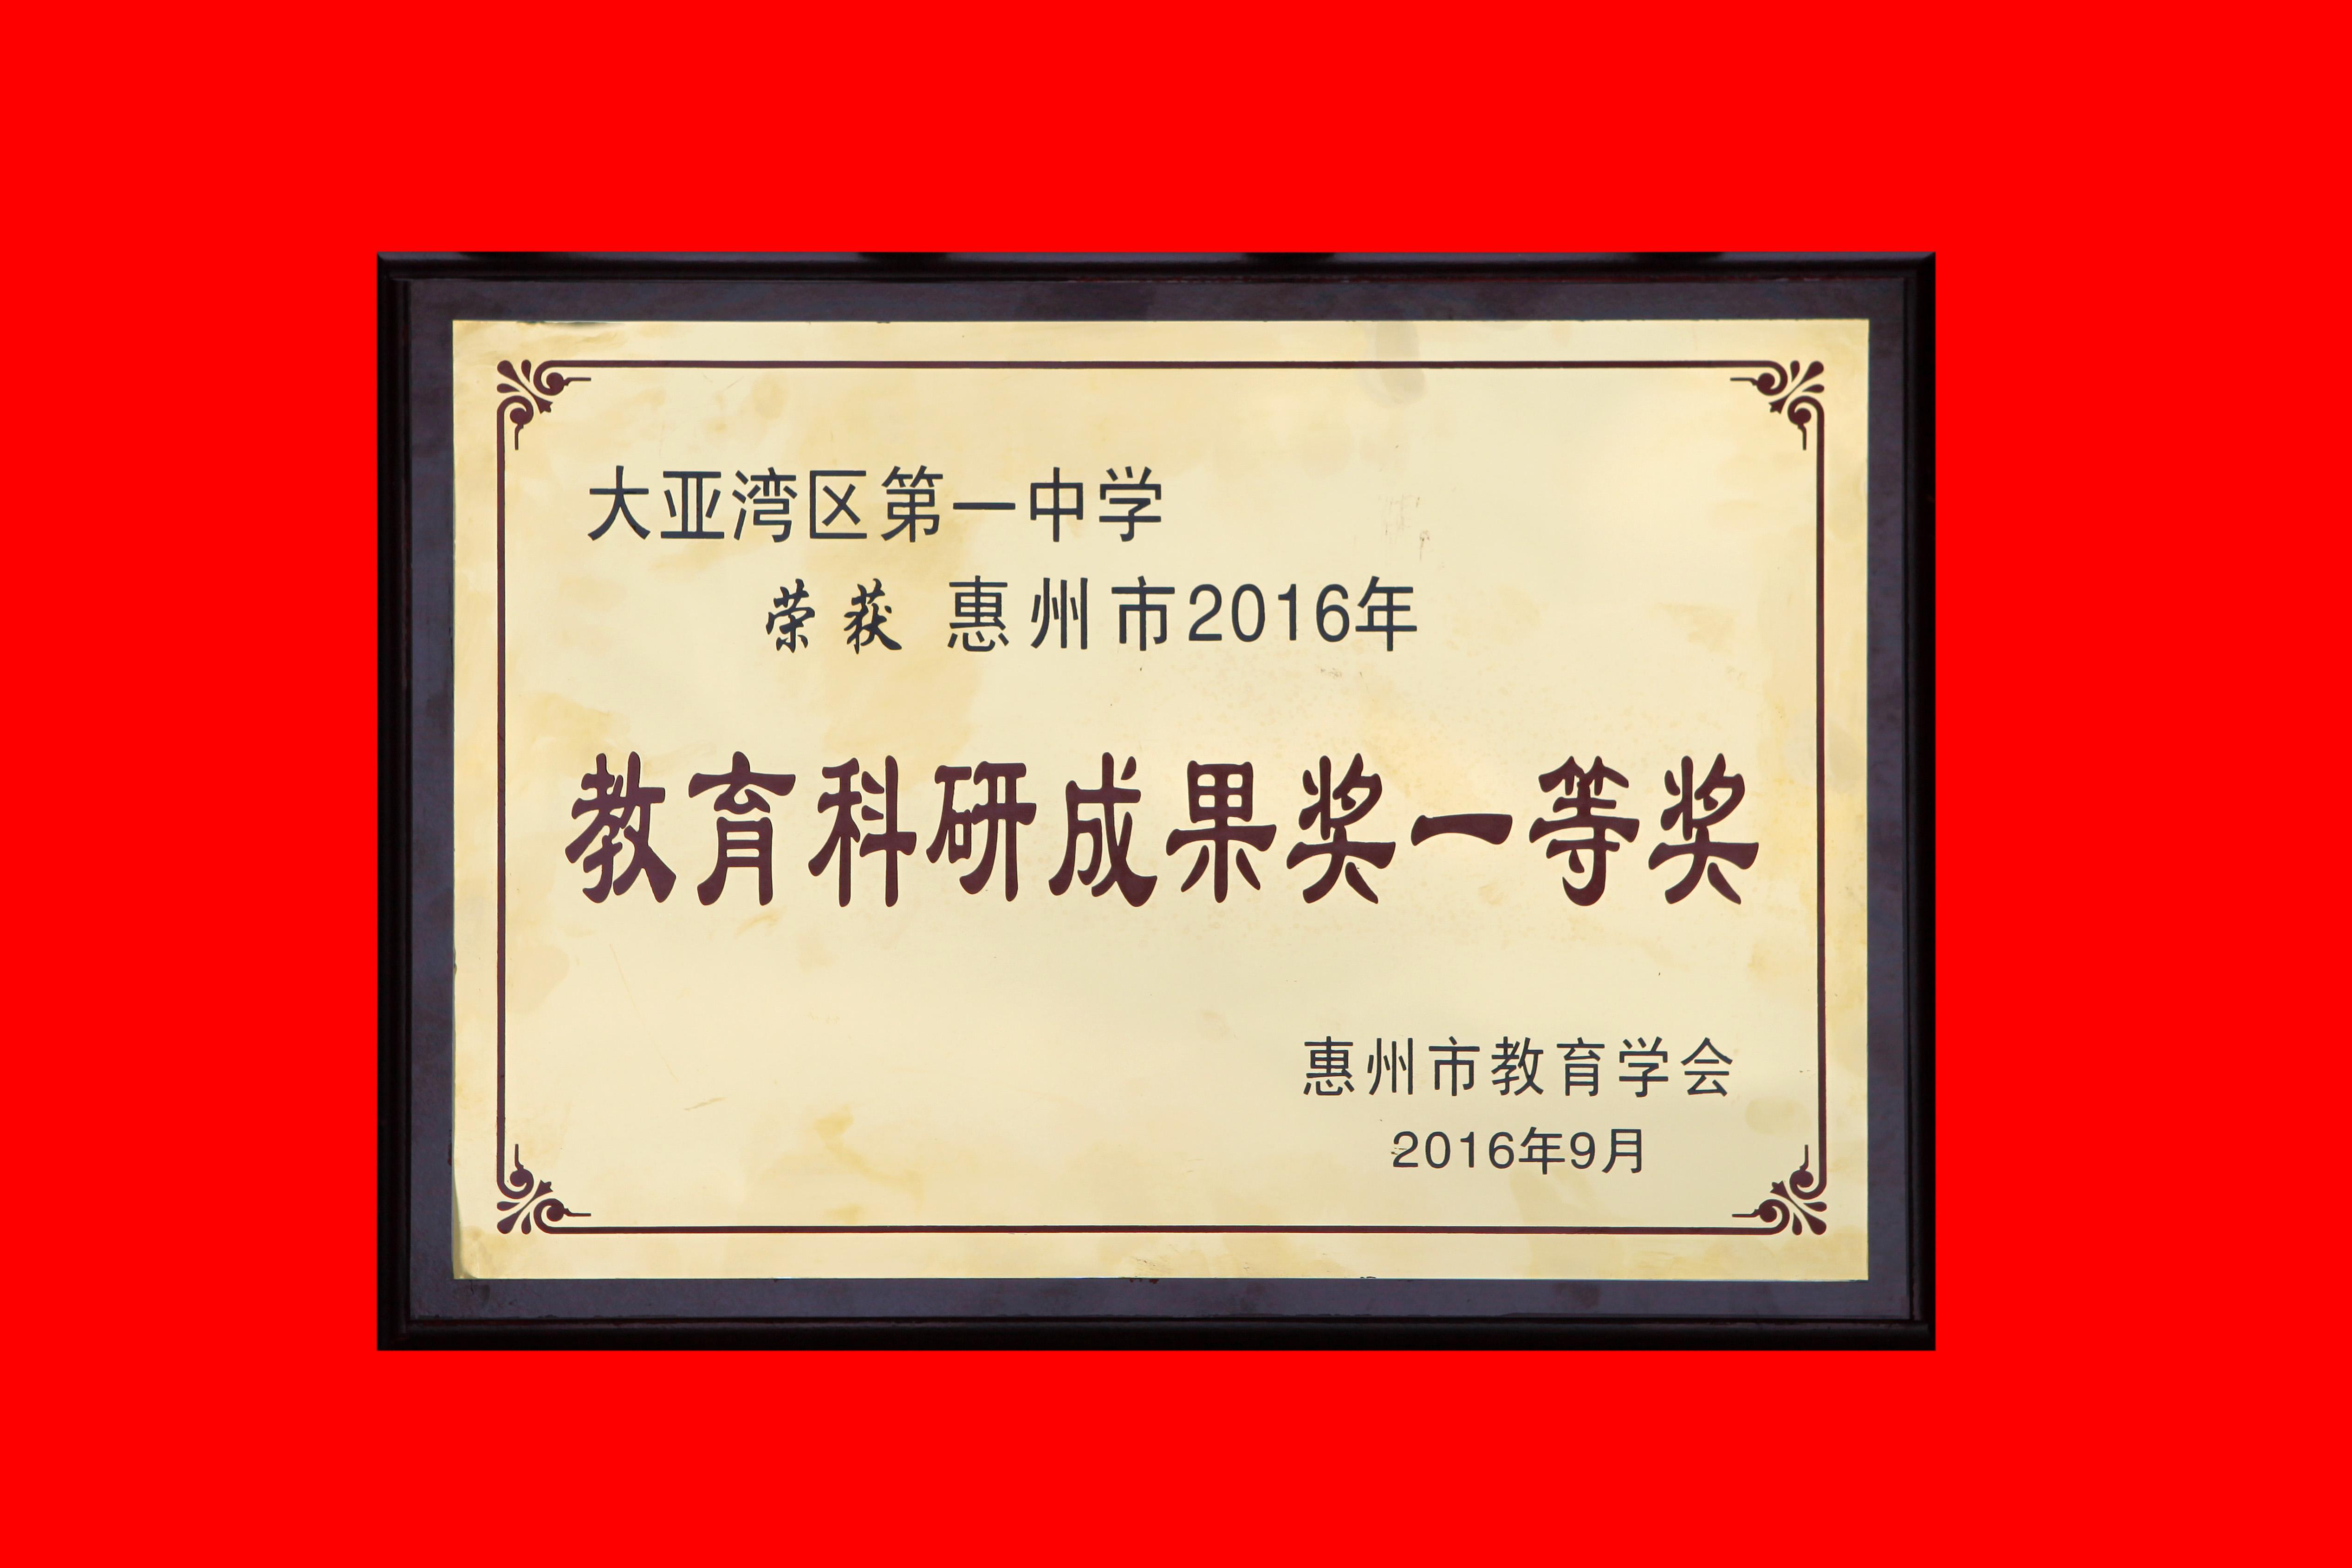 我校喜获惠州市教育科技成果一等奖.JPG